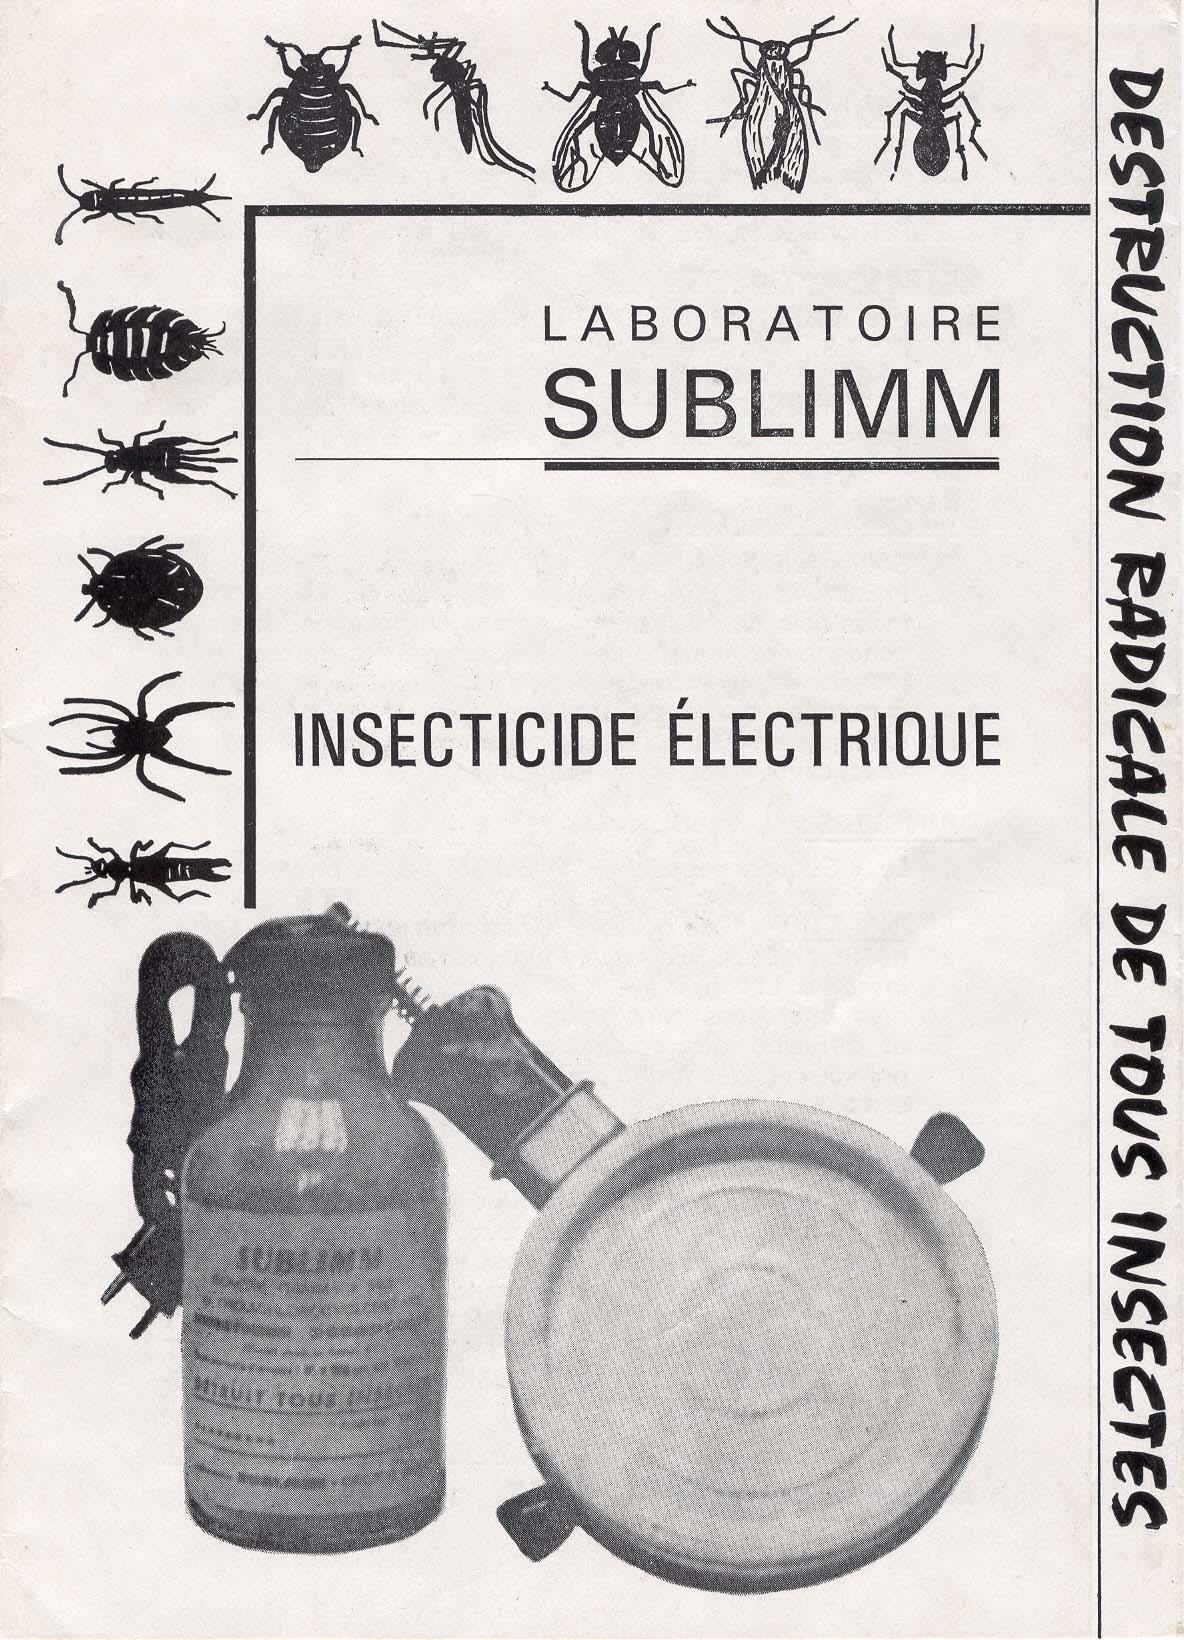 Insecticide électrique